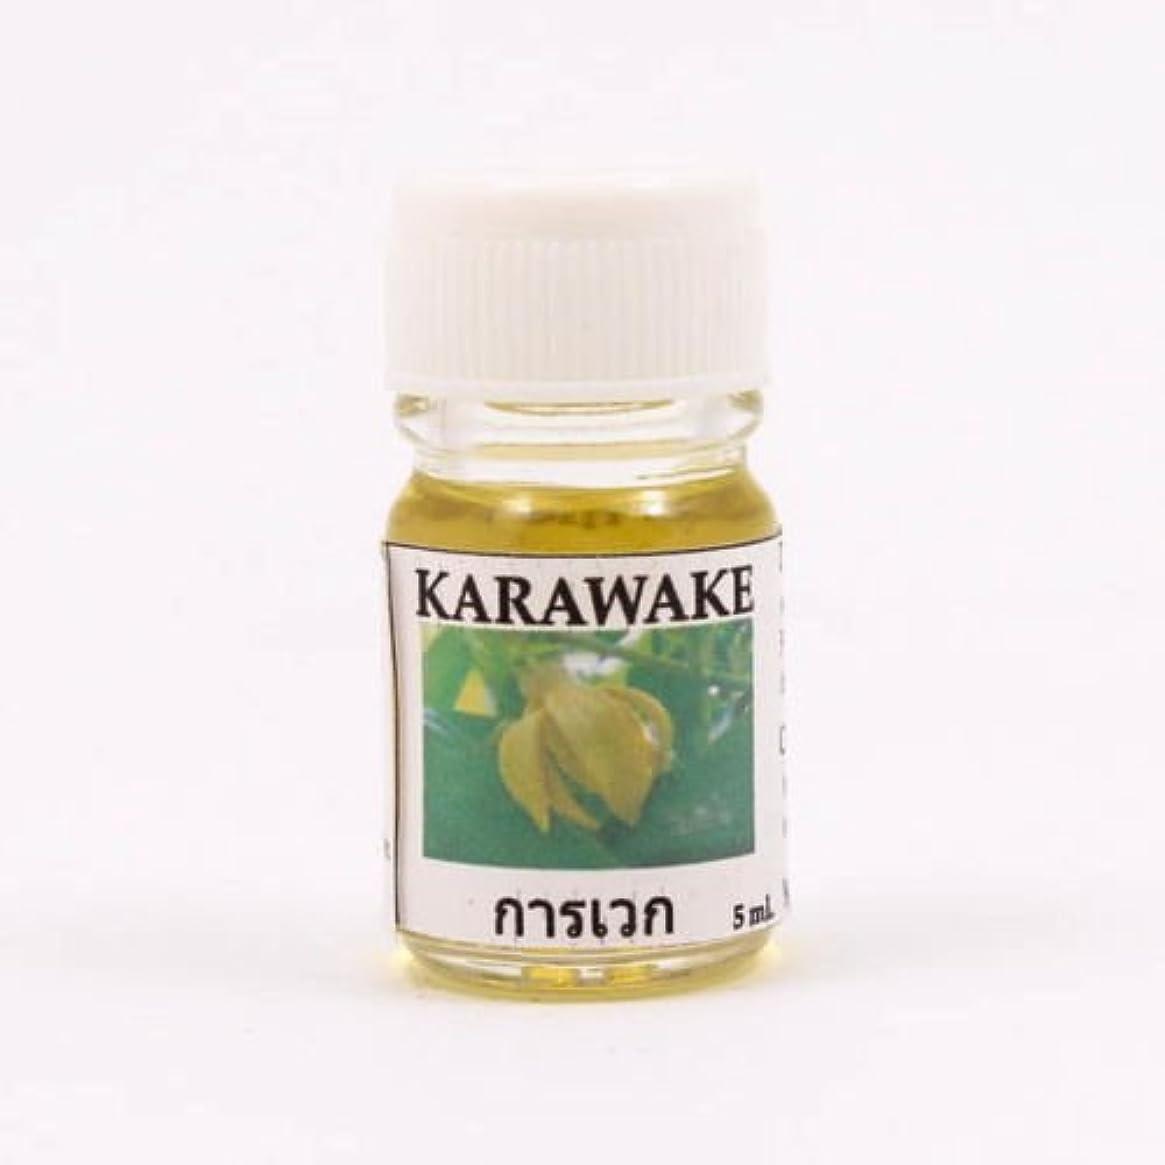 文明姓涙6X Karawake Aroma Fragrance Essential Oil 5ML. cc Diffuser Burner Therapy